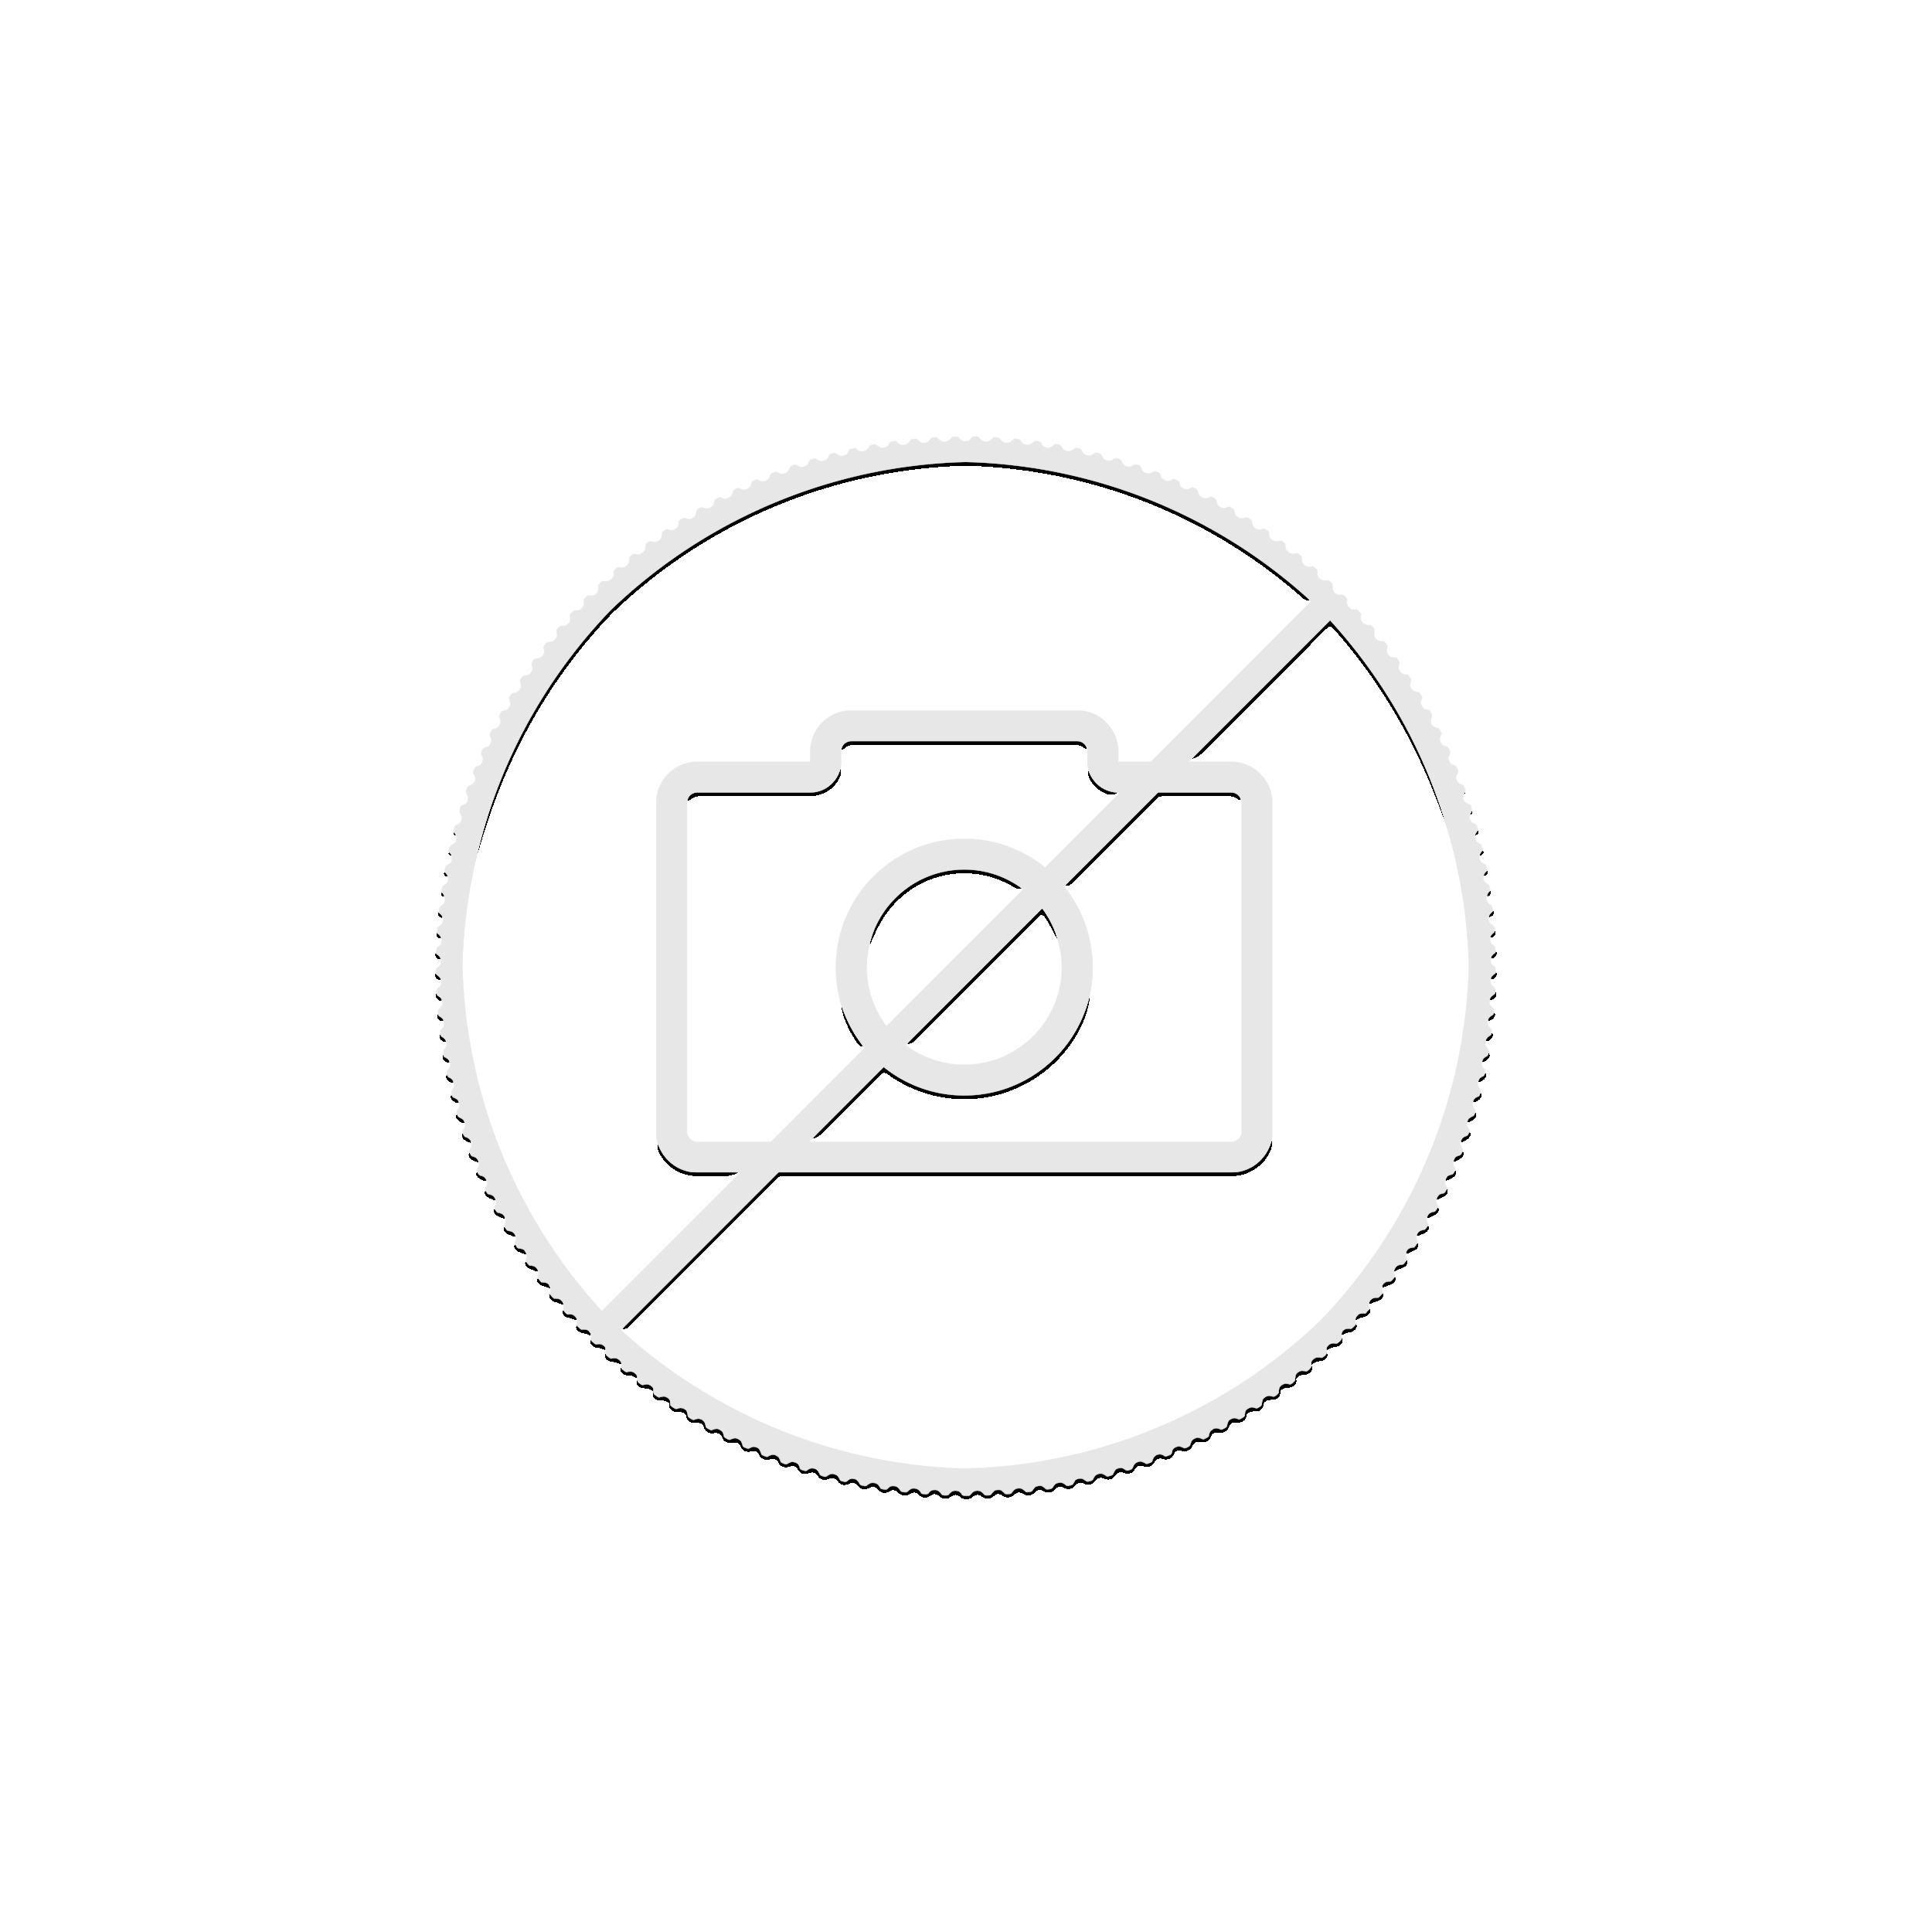 1 Kilo Koala silver coin 2016